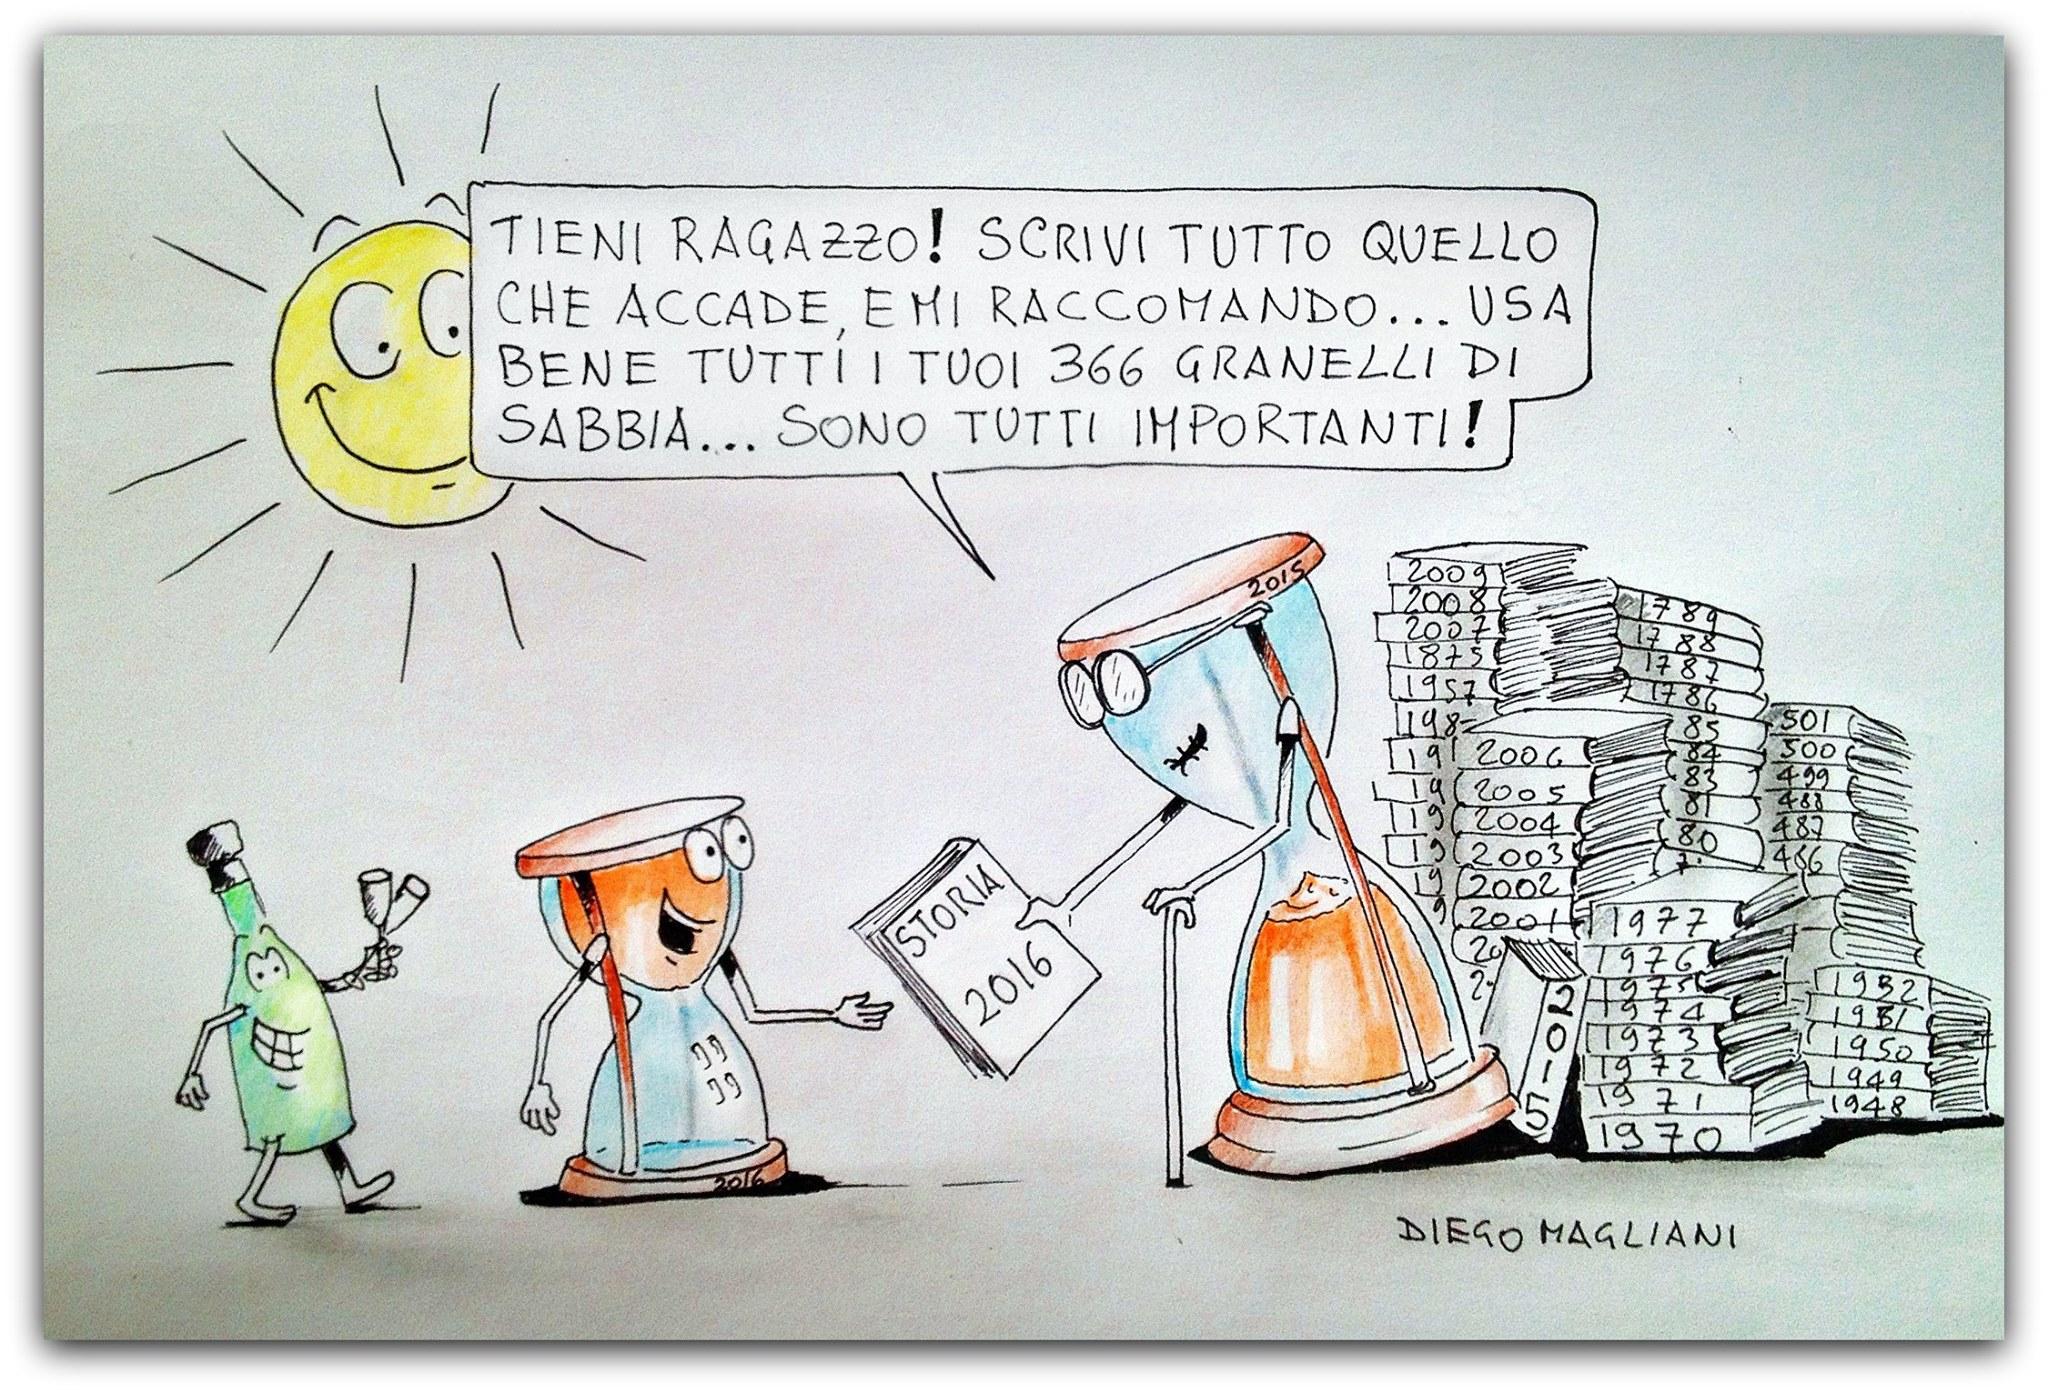 Questo è un anno molto fortunato vignetta Diego Magliani